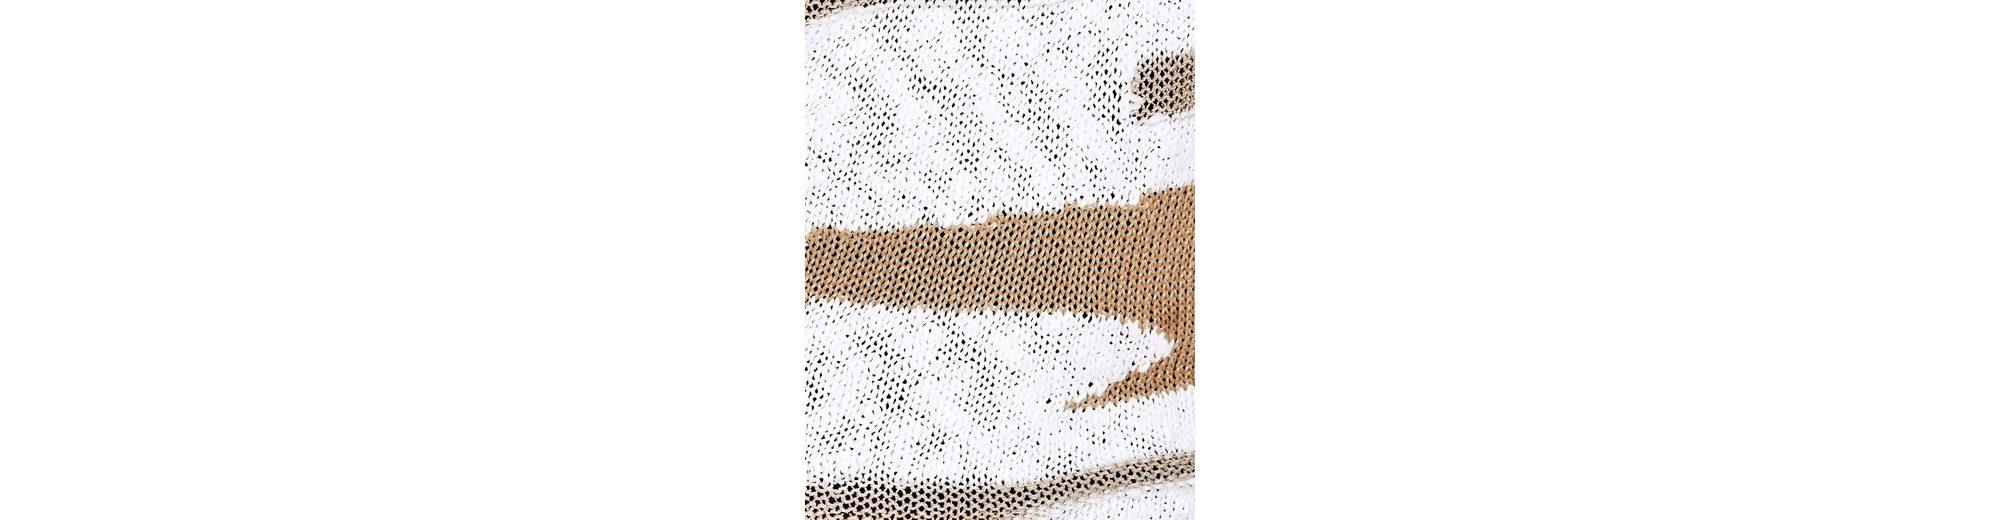 ASHLEY BROOKE by Heine Rundhalspullover Oversized Steckdose Kostengünstig Erstaunlicher Preis Freies Verschiffen Hohe Qualität vHcvs